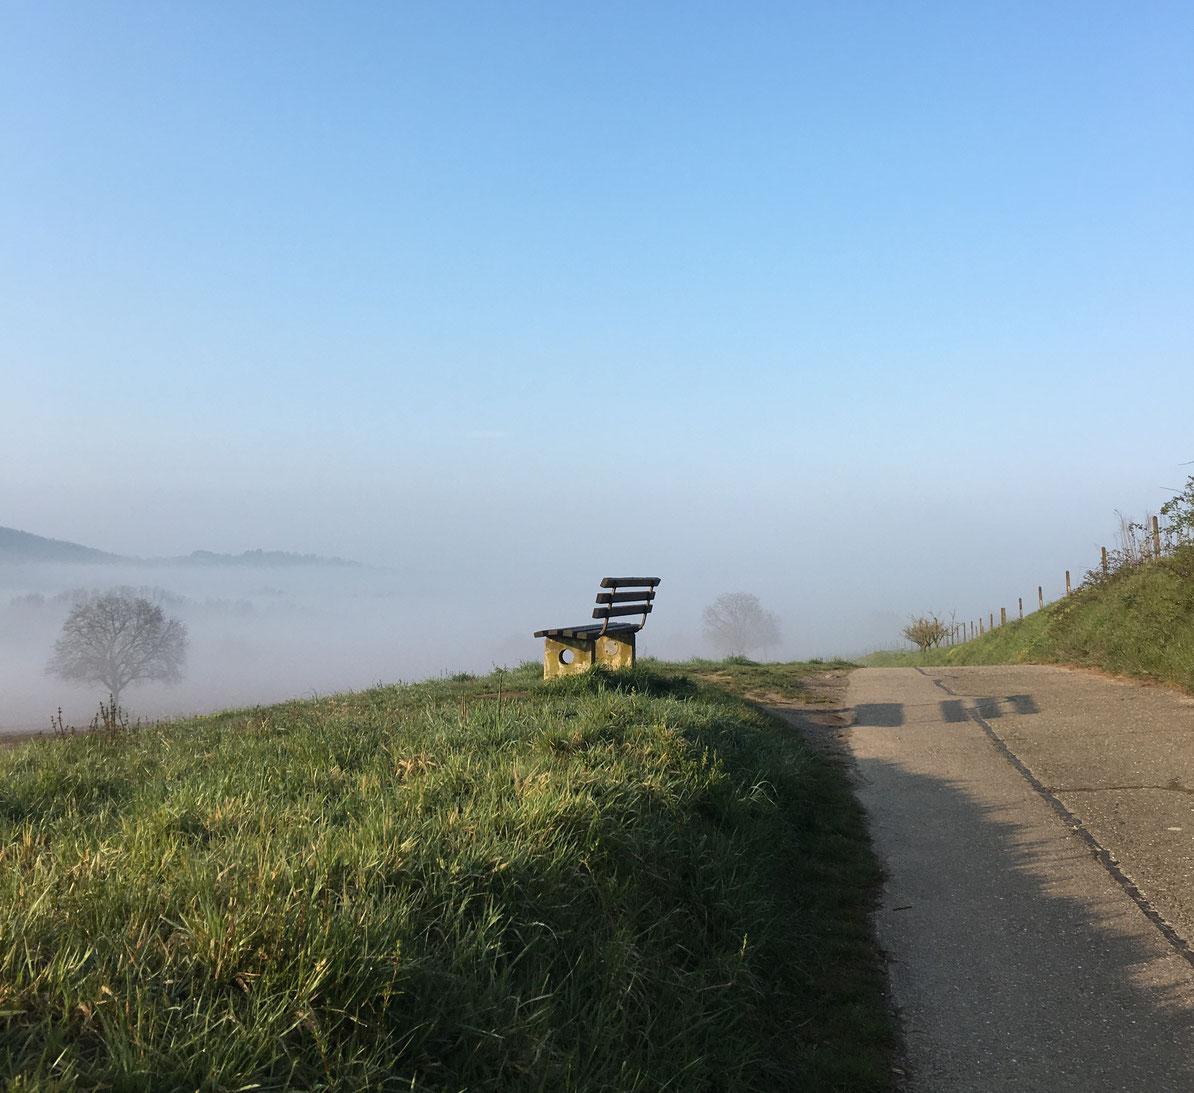 Leere Bank in der Natur auf einer Wiese mit Nebel im Tal und hellblauem Himmel.